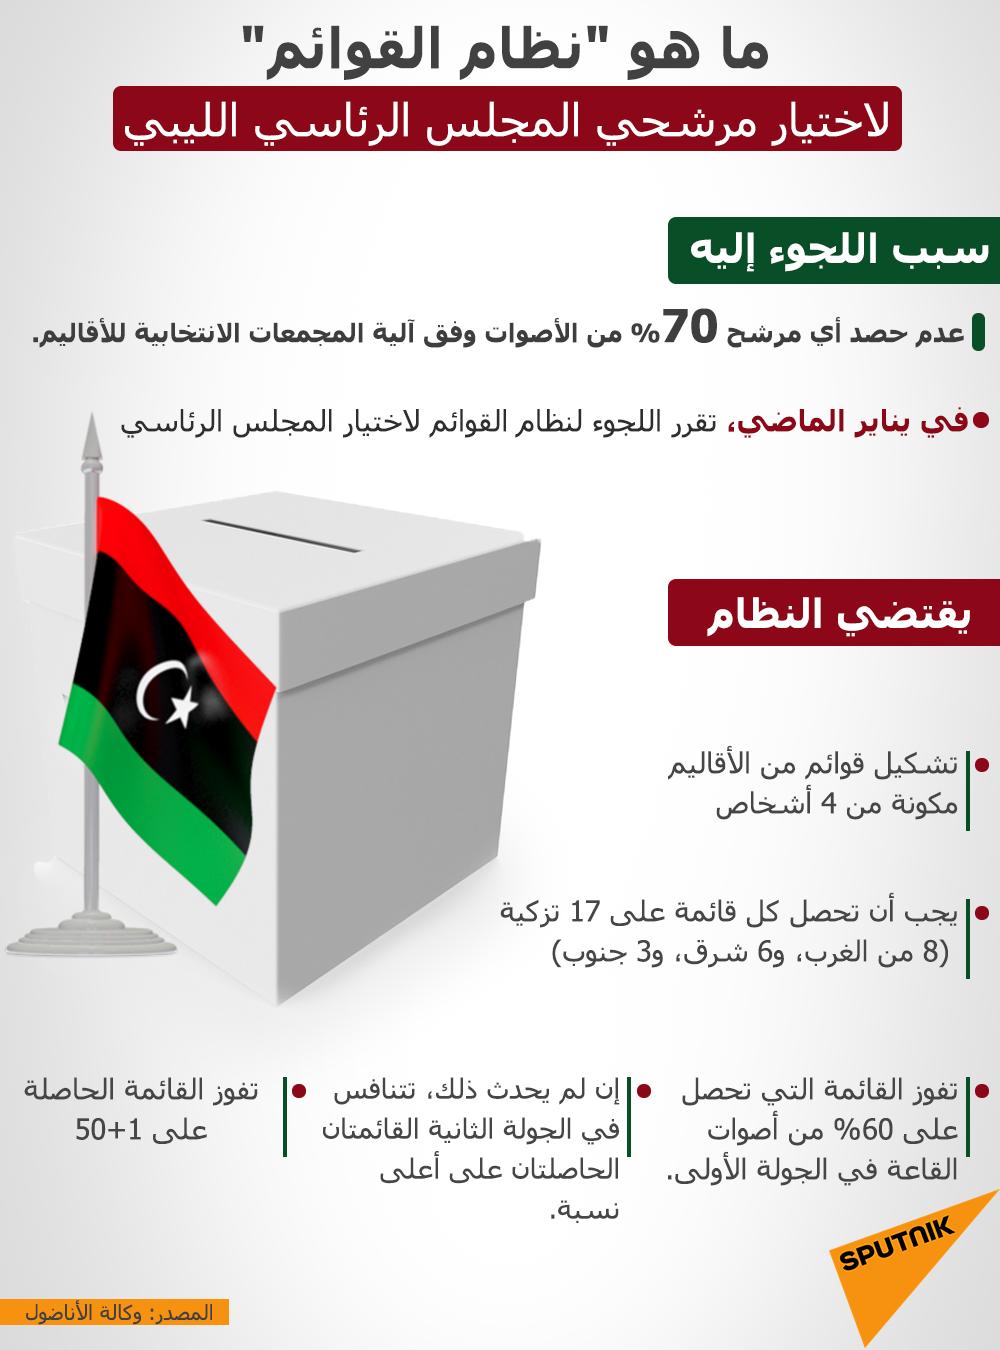 نظام القوائم لاختيار مرشحي المجلس الرئاسي الليبي